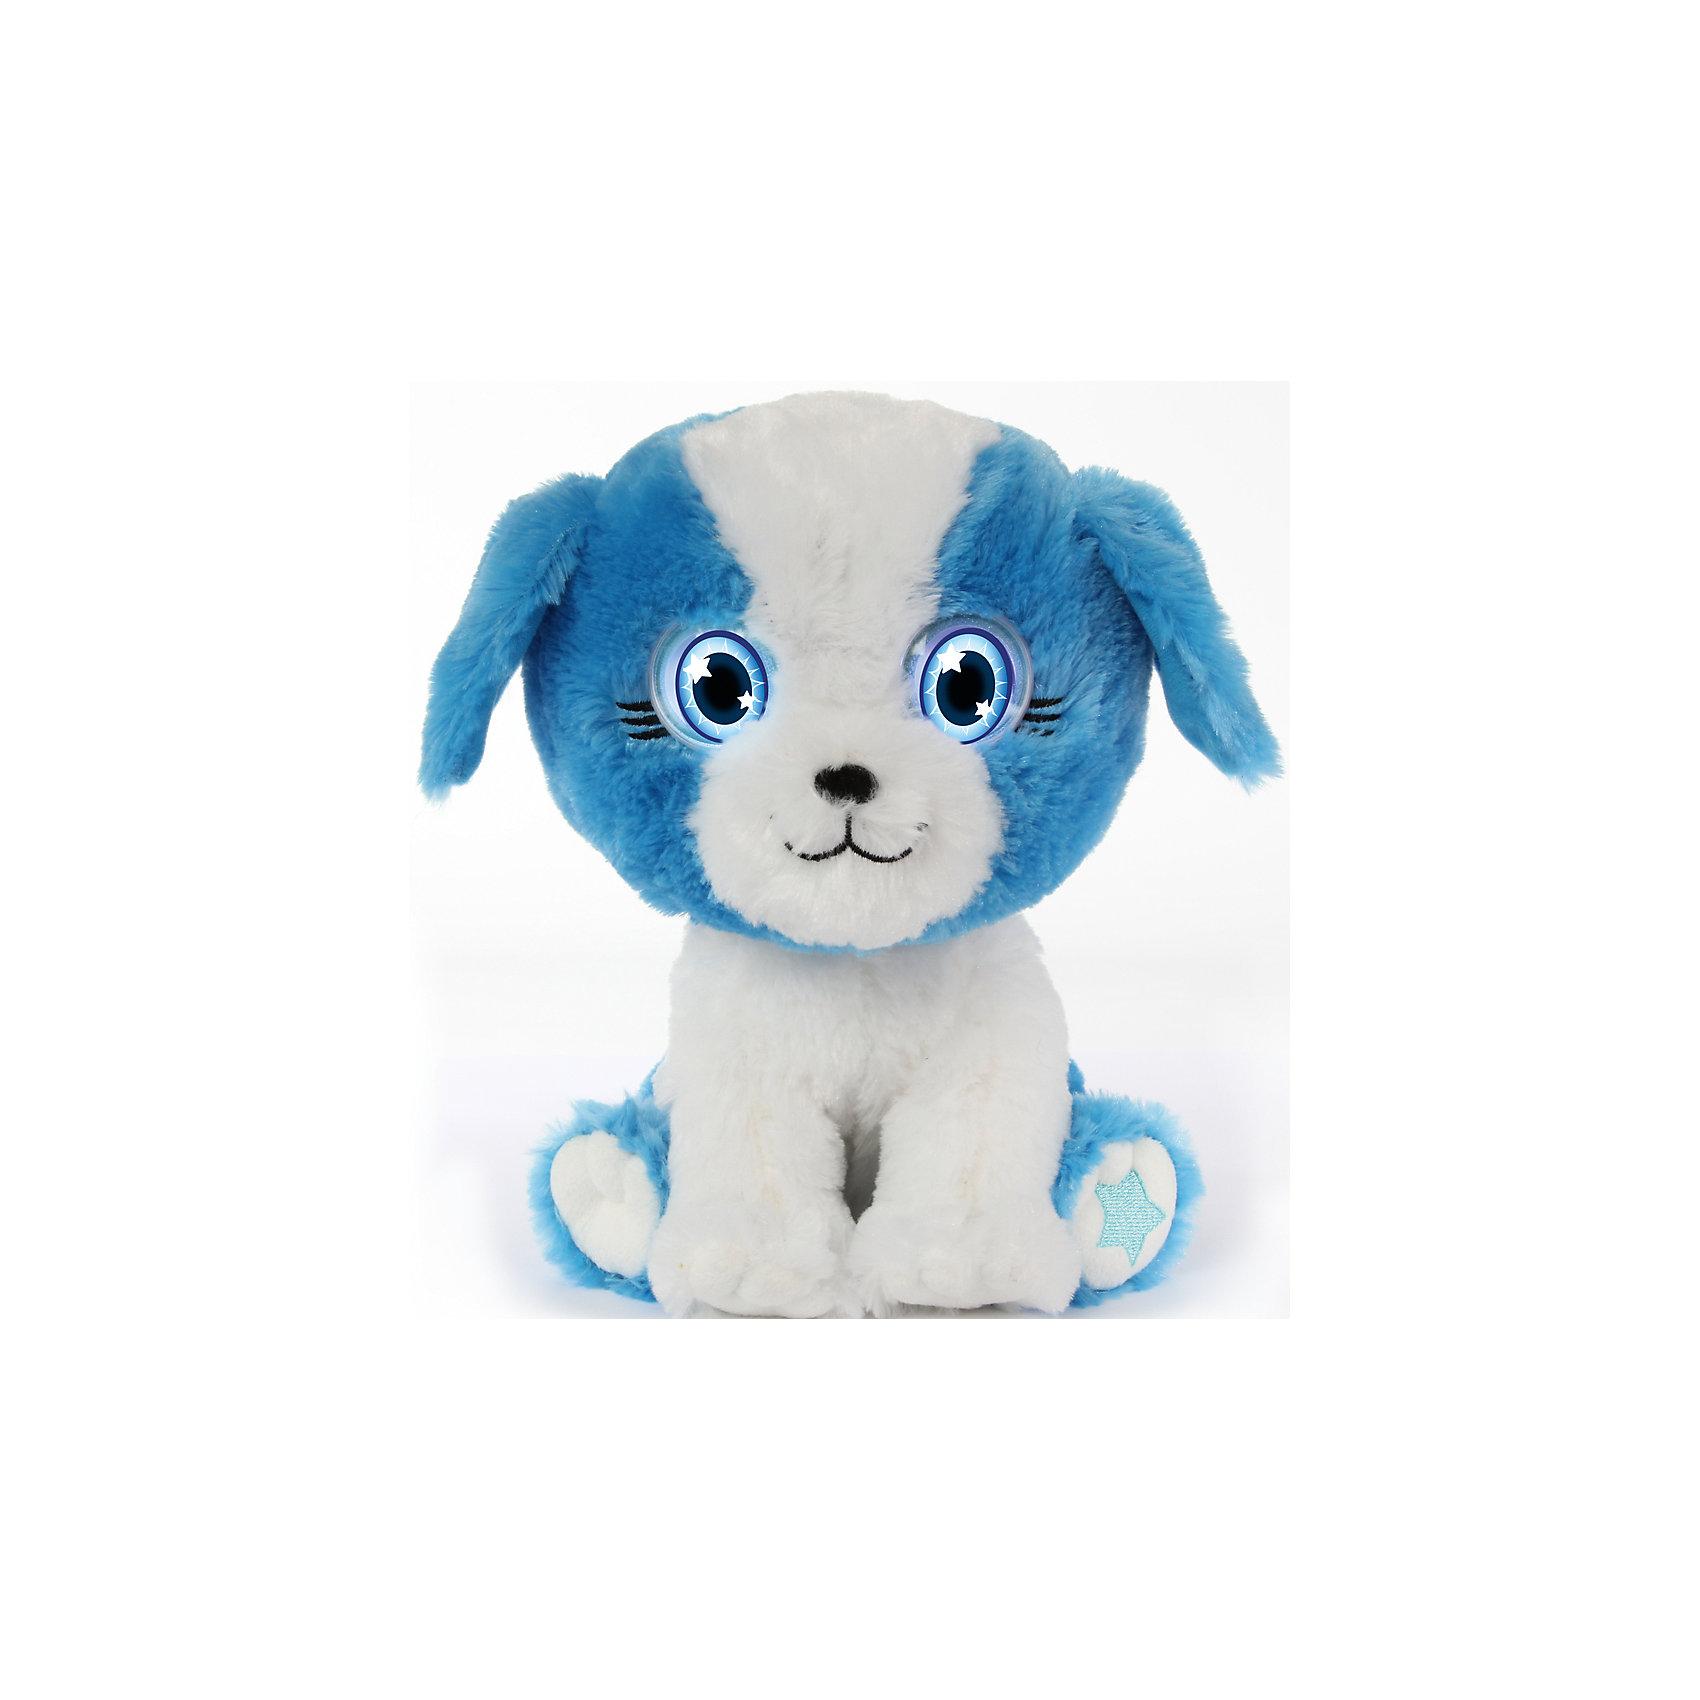 Интерактивный Щенок, Bright EyesИнтерактивные мягкие игрушки<br>Интерактивная плюшевая игрушка Bright Eyes – это невероятно милый плюшевый щенок, который реагирует на Ваши прикосновения, отзывается на поглаживания, «засыпает». Функция Try Me (3 батарейки ААА в комплекте). Погладьте питомца по голове и он проснется – глаза засветятся, он издаст звук.<br>Периодически питомец моргает, напоминая о себе и предлагая поиграть.<br>Погладьте питомца по спине и он начнет засыпать.<br>У питомцев есть  функция отключения звука – используйте игрушку в качестве ночника.<br><br>Ширина мм: 195<br>Глубина мм: 280<br>Высота мм: 205<br>Вес г: 750<br>Возраст от месяцев: 36<br>Возраст до месяцев: 144<br>Пол: Унисекс<br>Возраст: Детский<br>SKU: 5001036